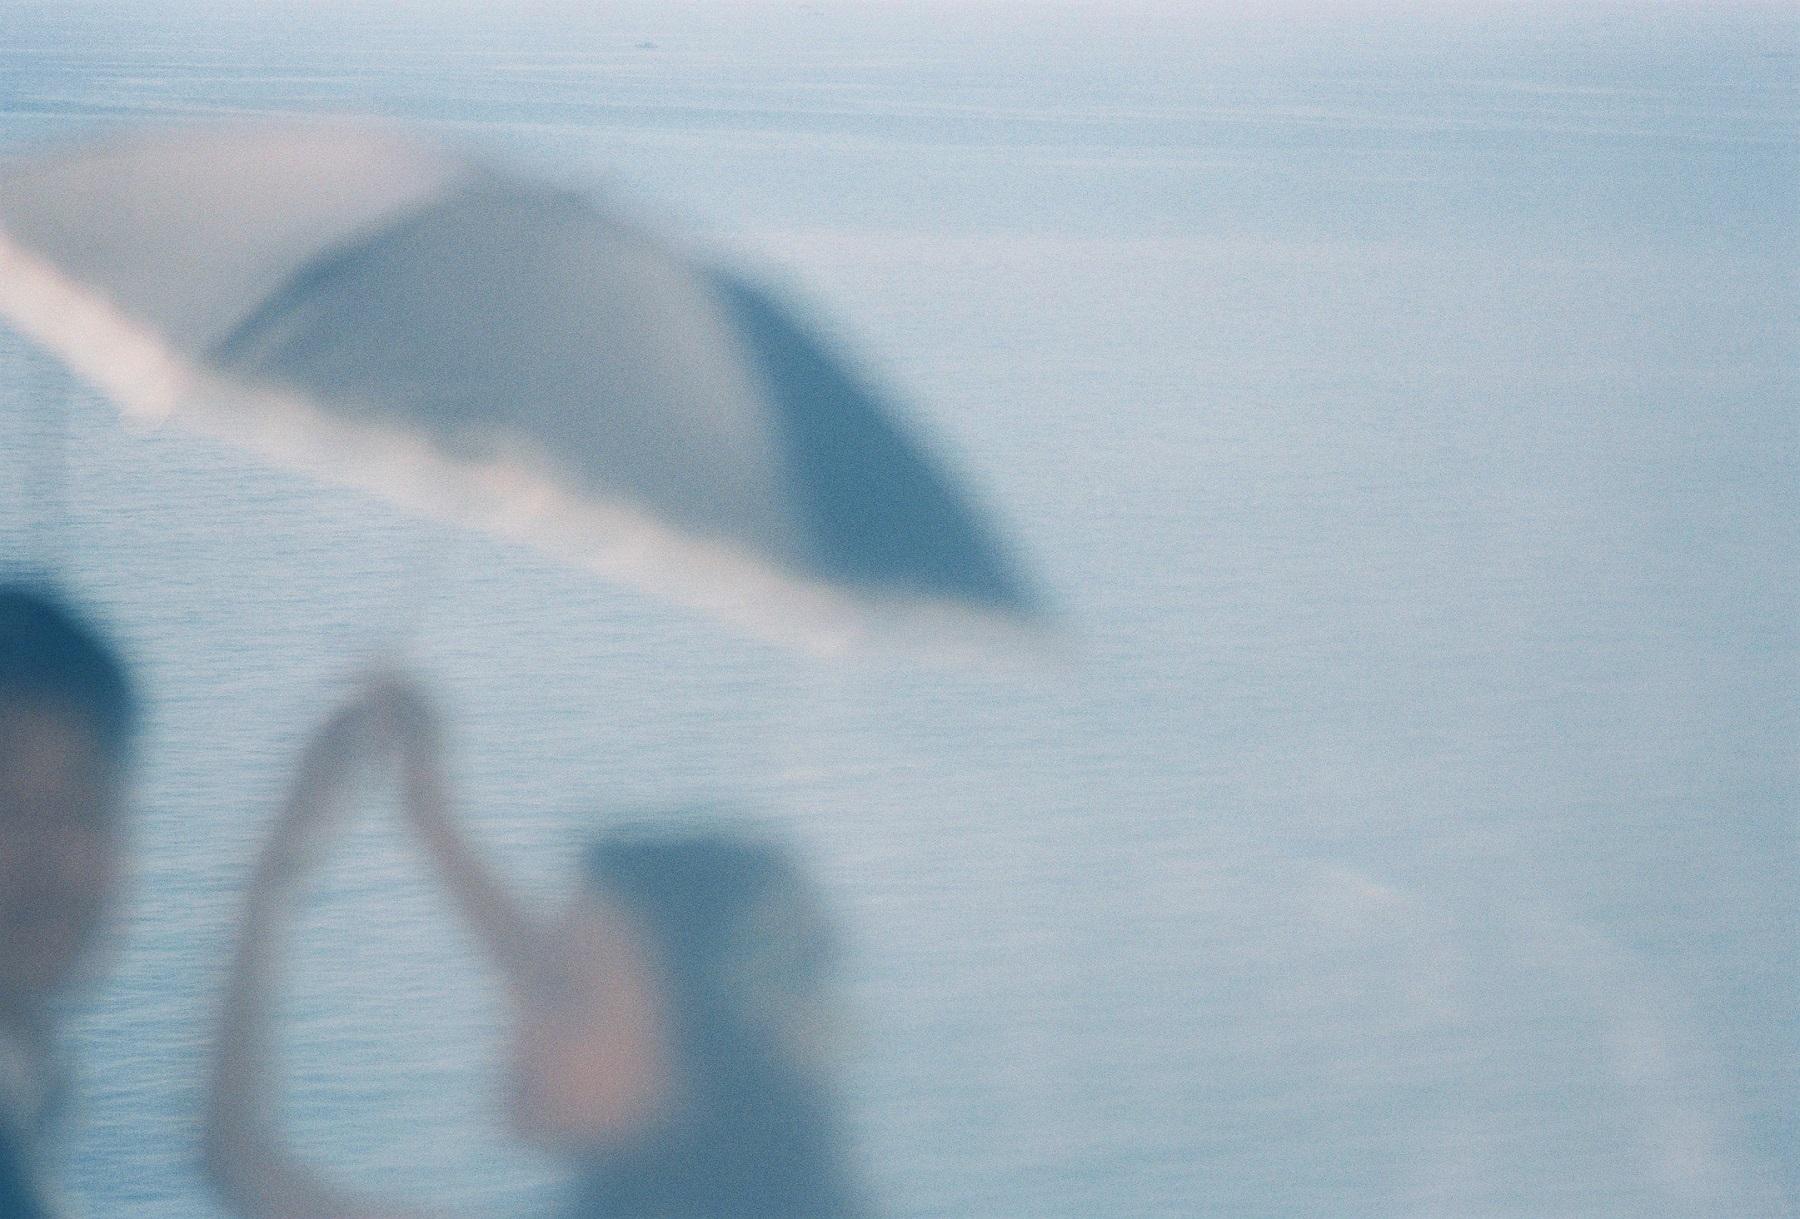 前撮り|結婚写真|フィルム|記念写真|フィルム写真|ポートレート|プロフィール撮影| FUJIWARAFILMS|ふじわらやすし写真事務所|